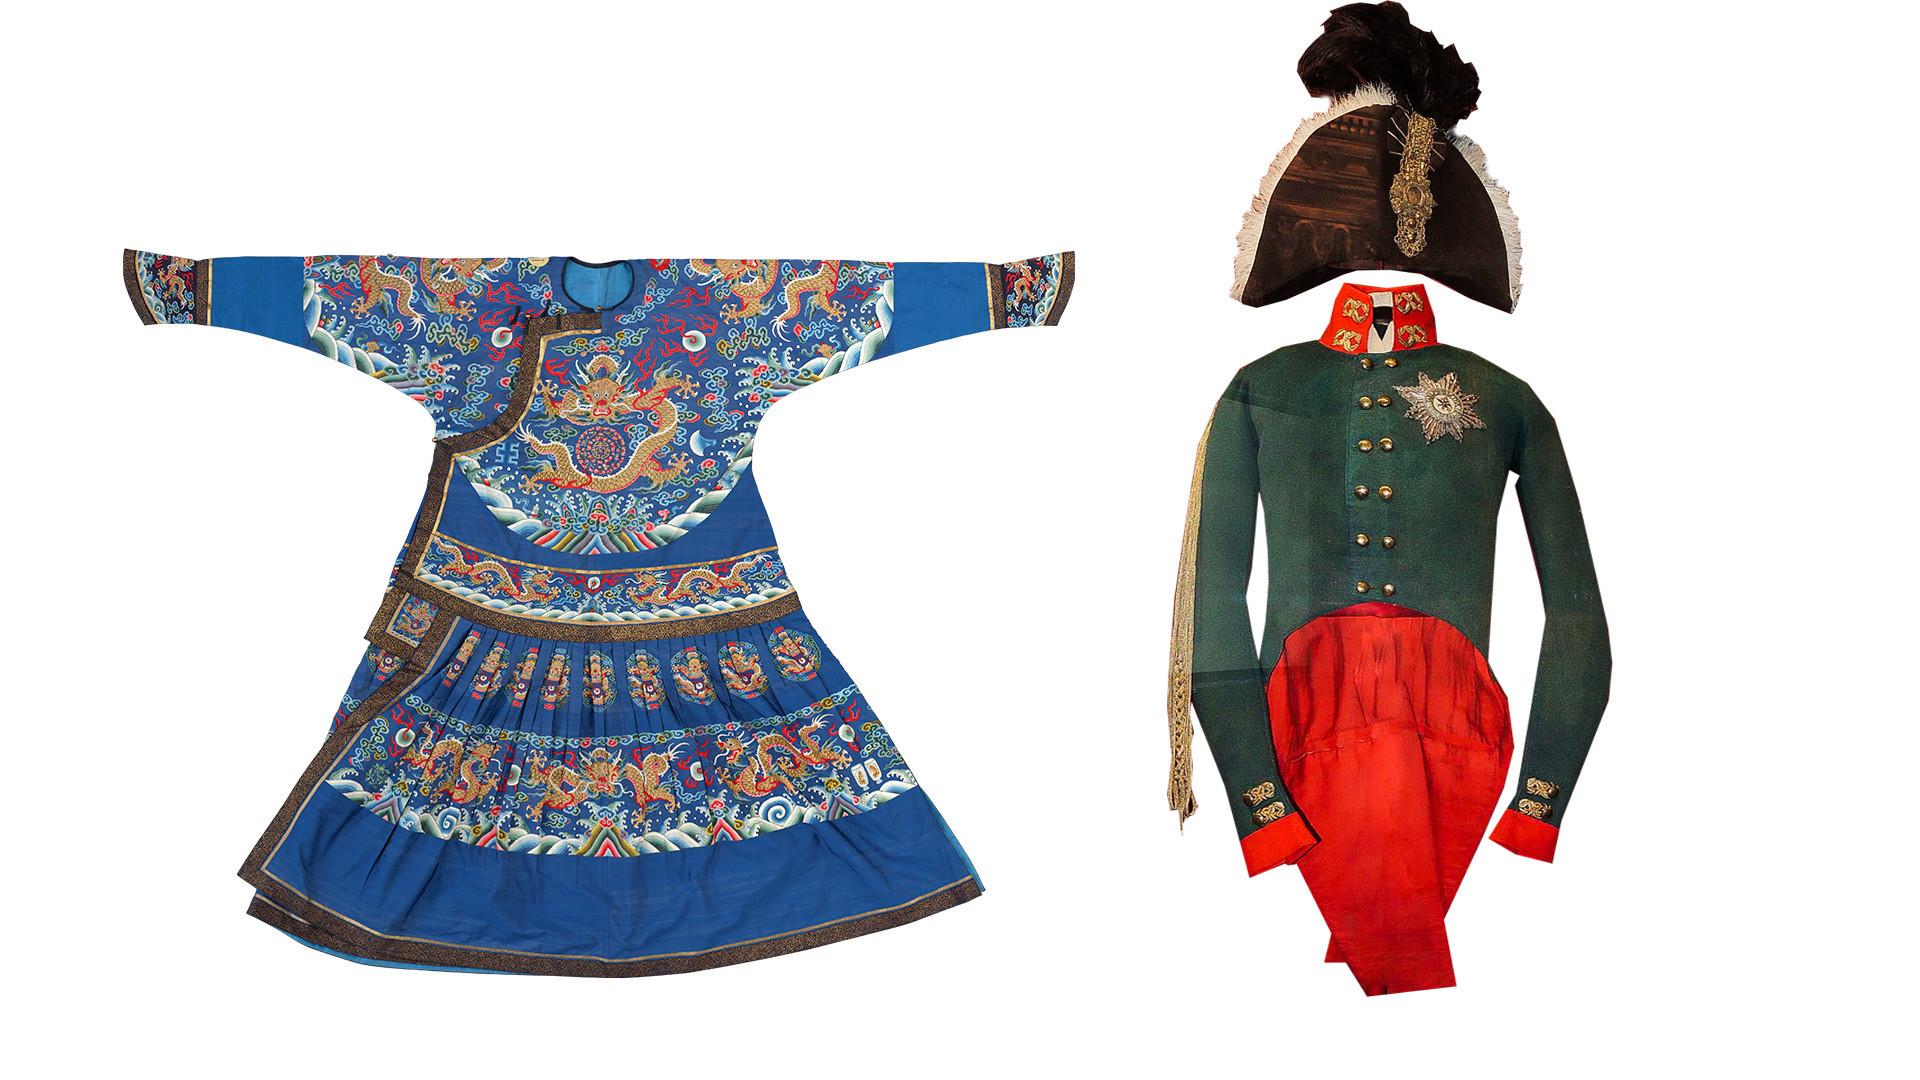 À esquerda, o manto azul do imperador, feito de seda, do período de Jiaqing (1735-1796). À direita, o traje de coroação de Aleksandr 1° da Rússia.